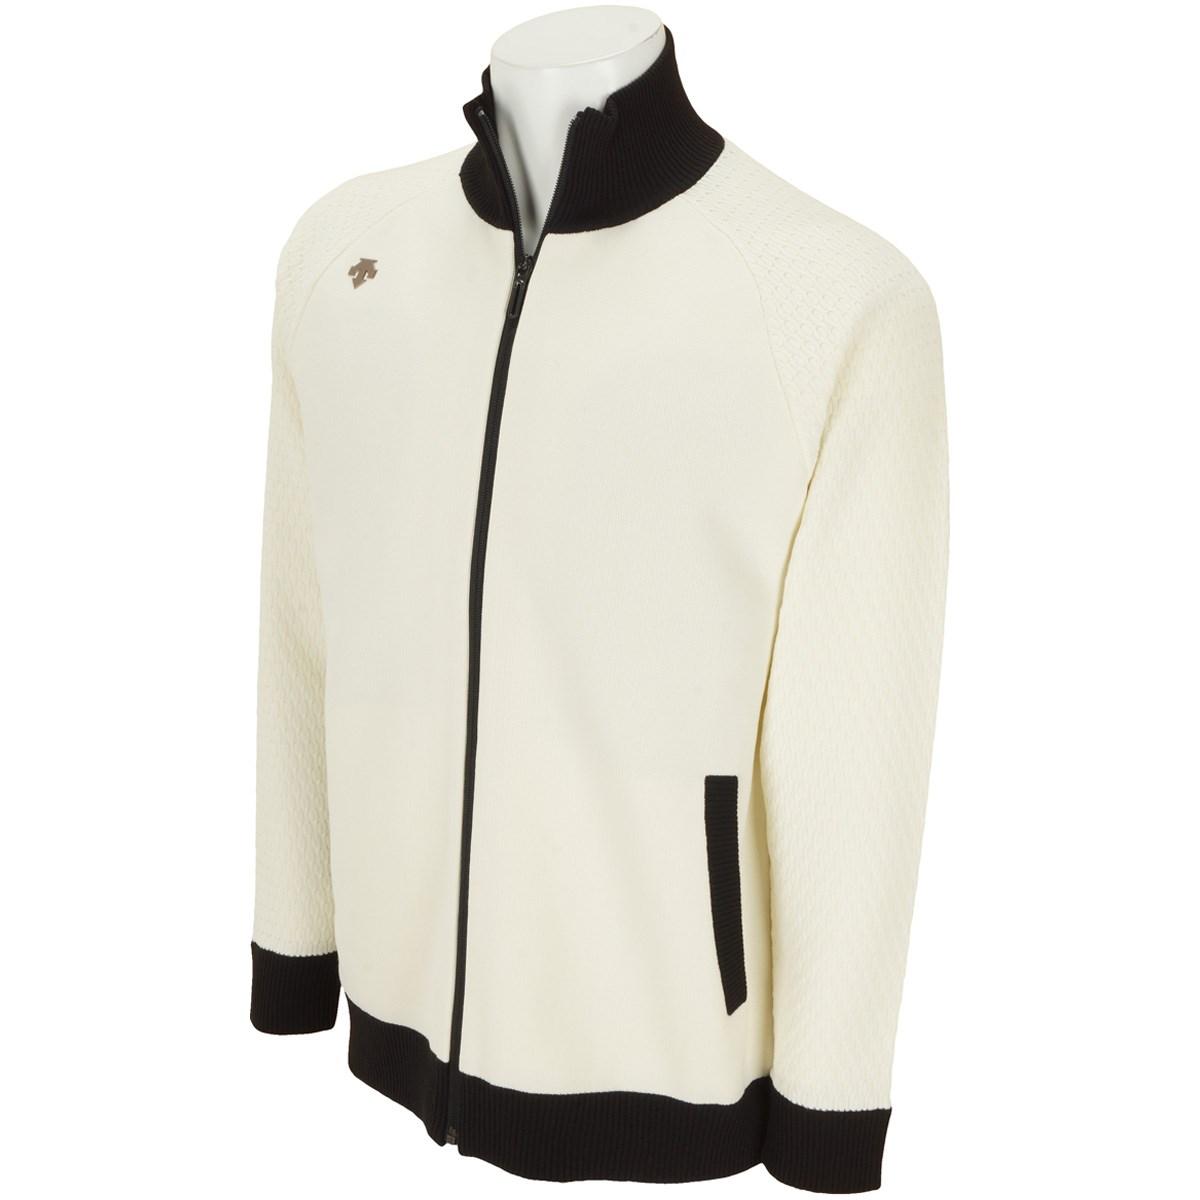 デサントゴルフ(DESCENTE GOLF) フルジップセーター